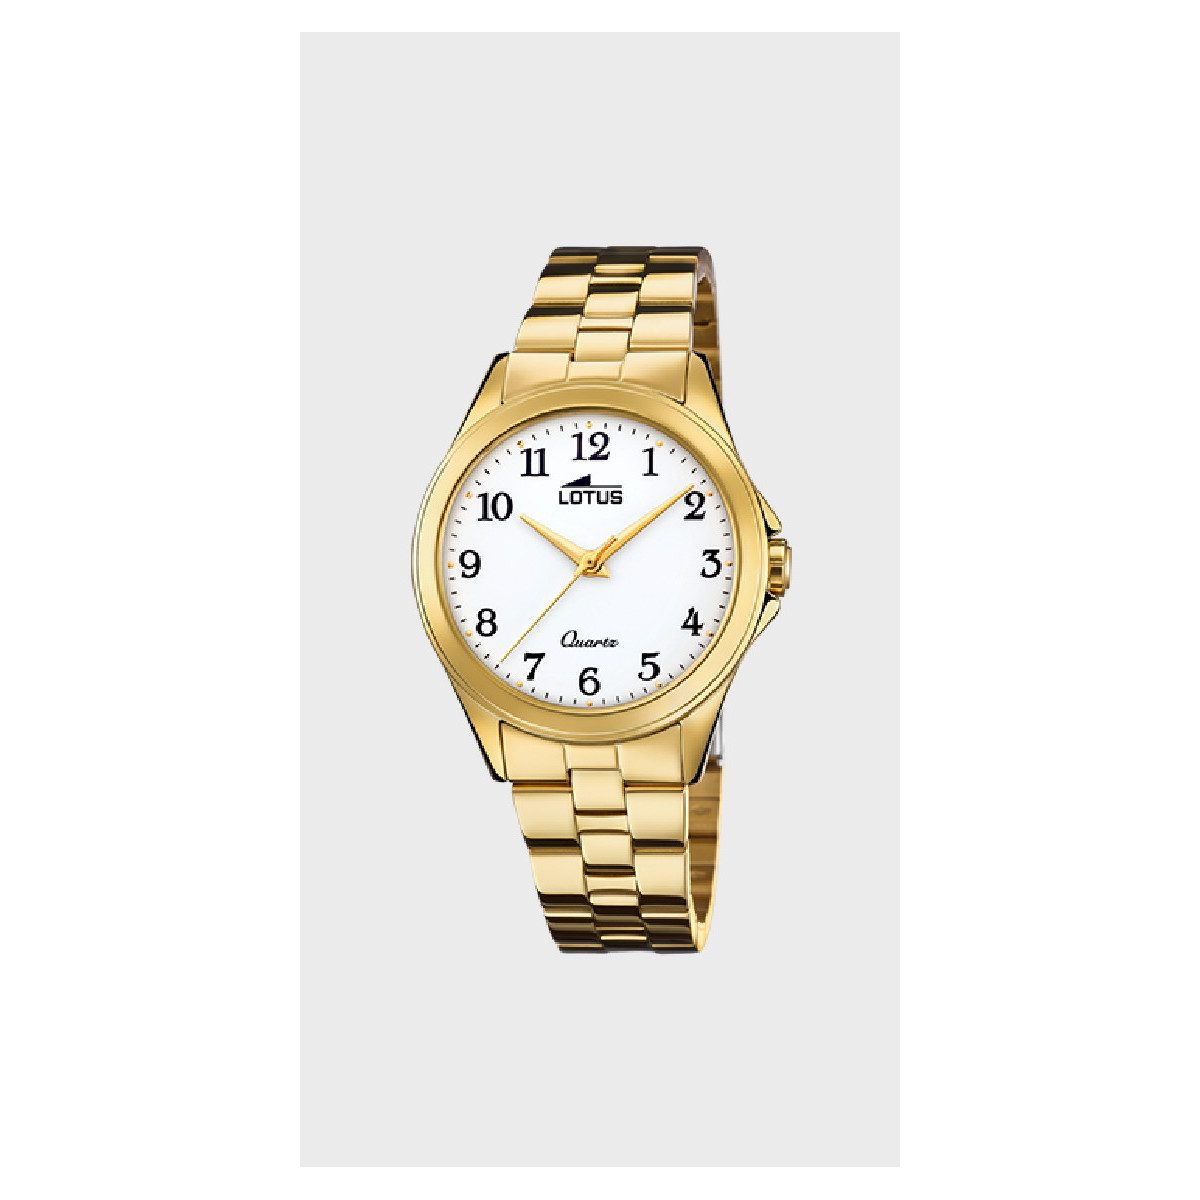 Reloj Lotus - 18740-1